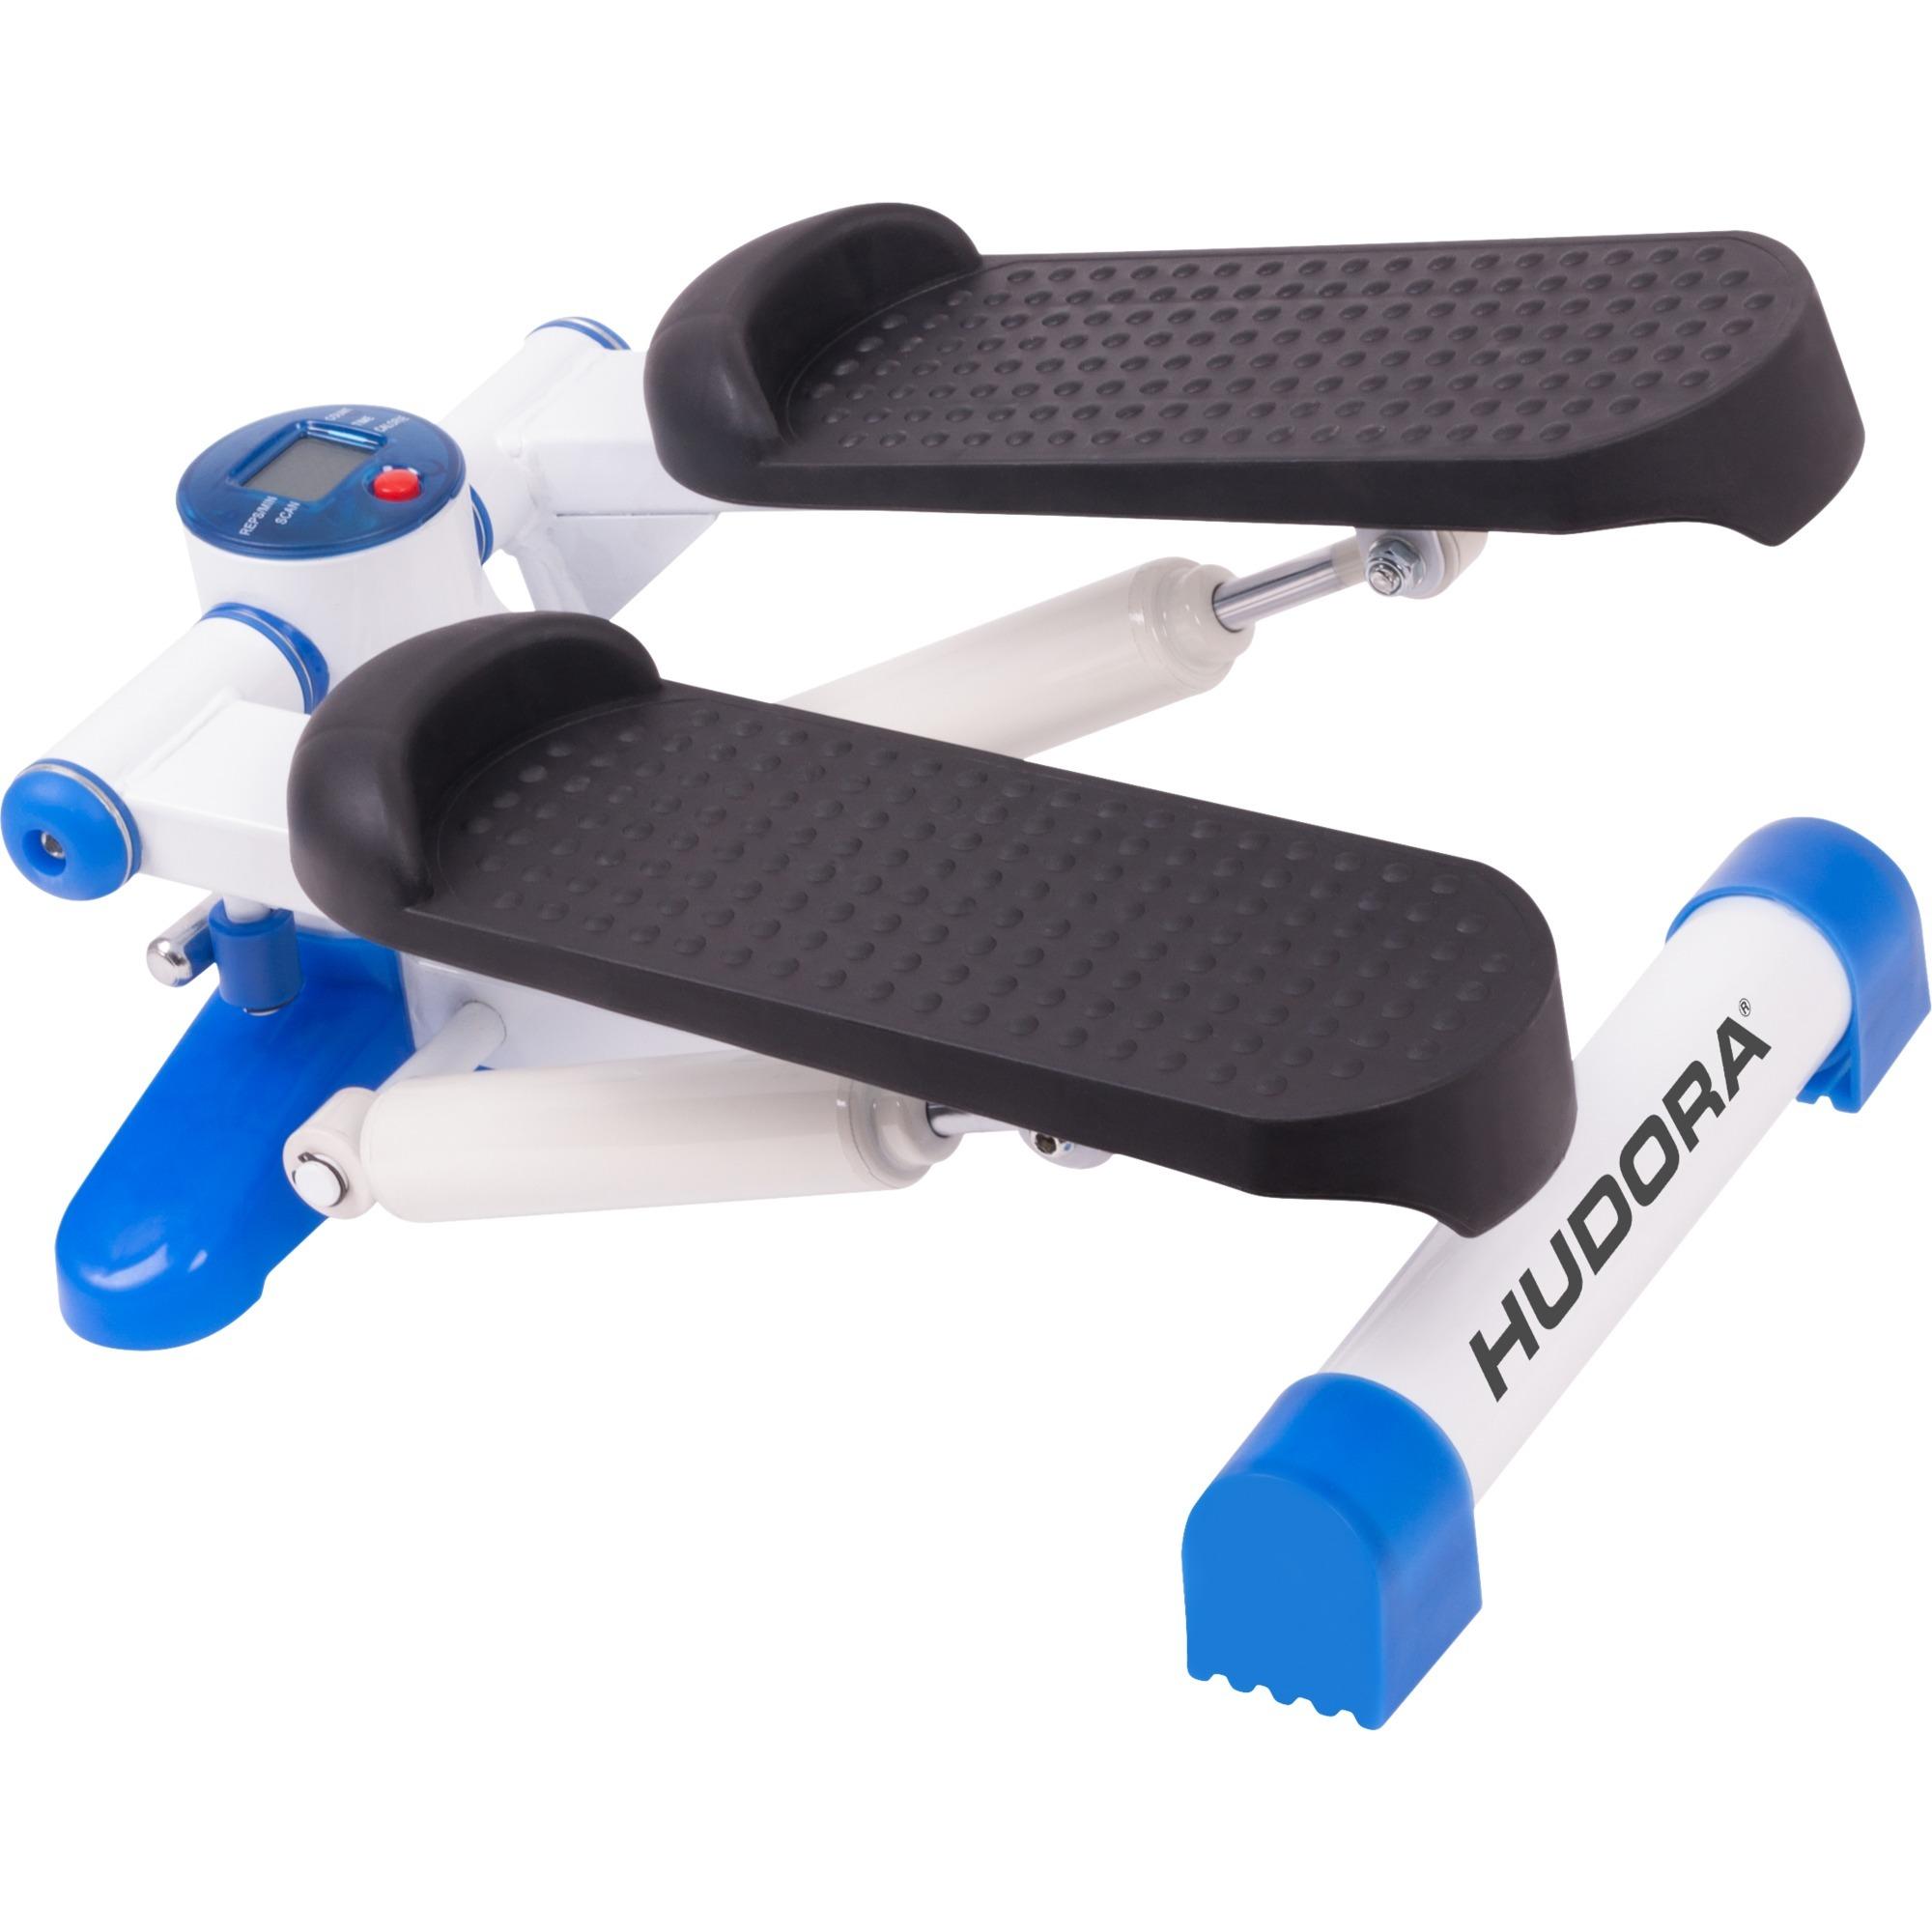 65237 Negro, Azul, Blanco máquina de step, Aparato para fitness